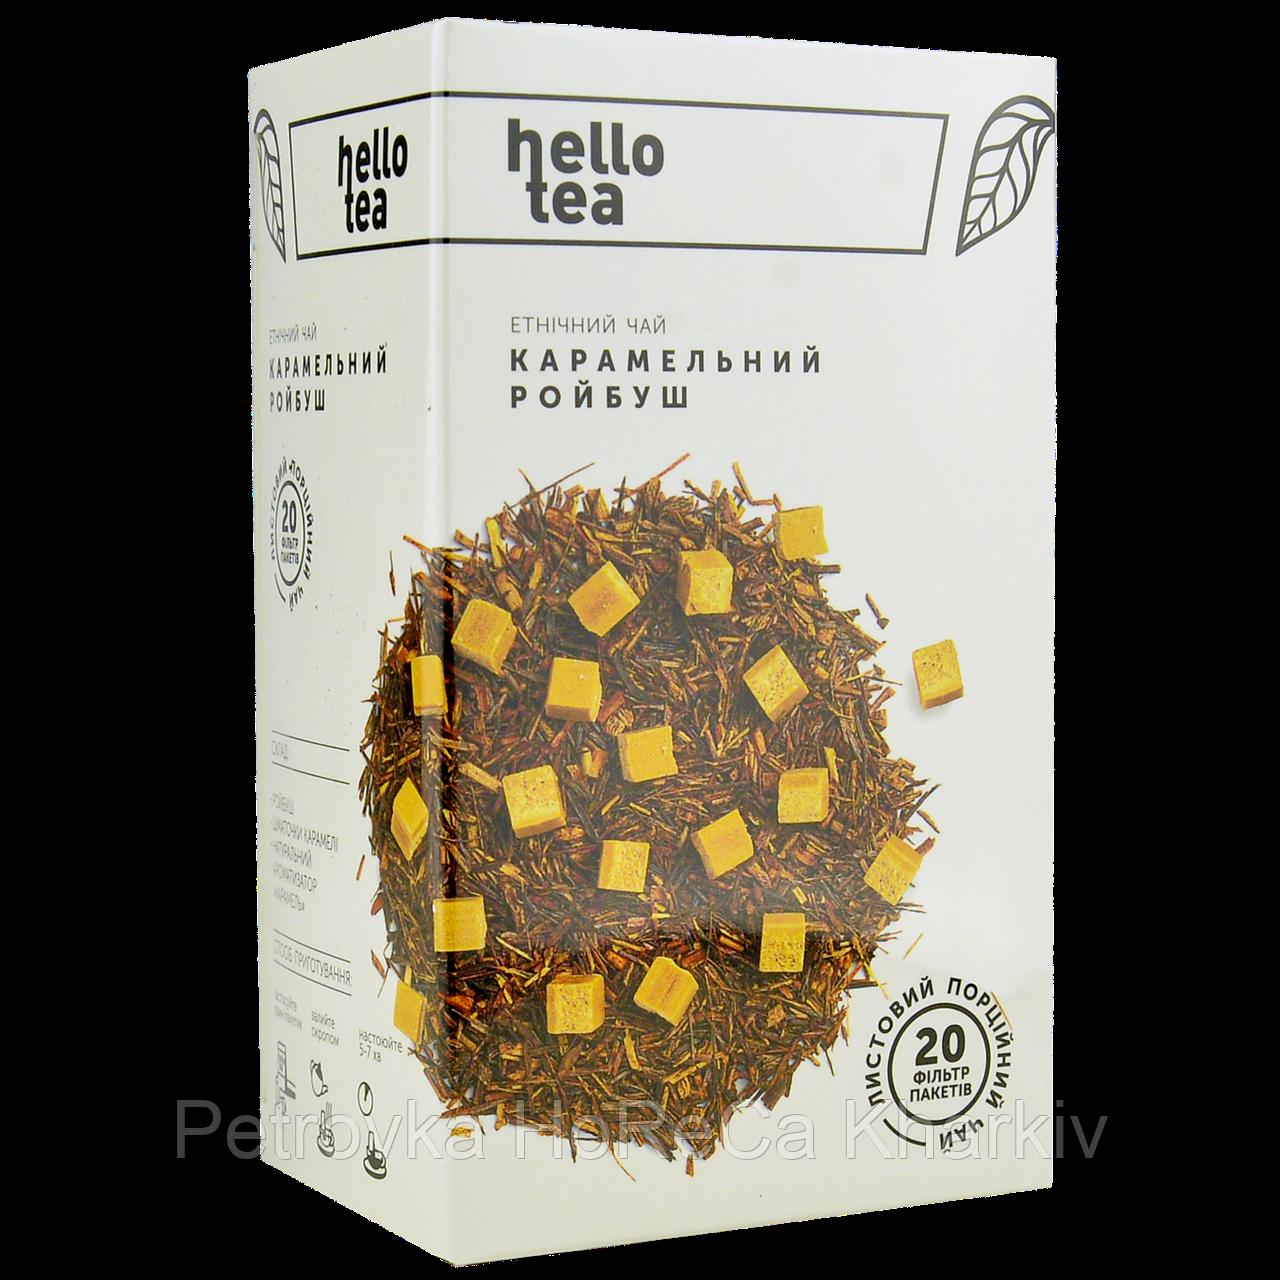 Чай Hello tea «Ройбуш з карамеллю» Rooibos caramel